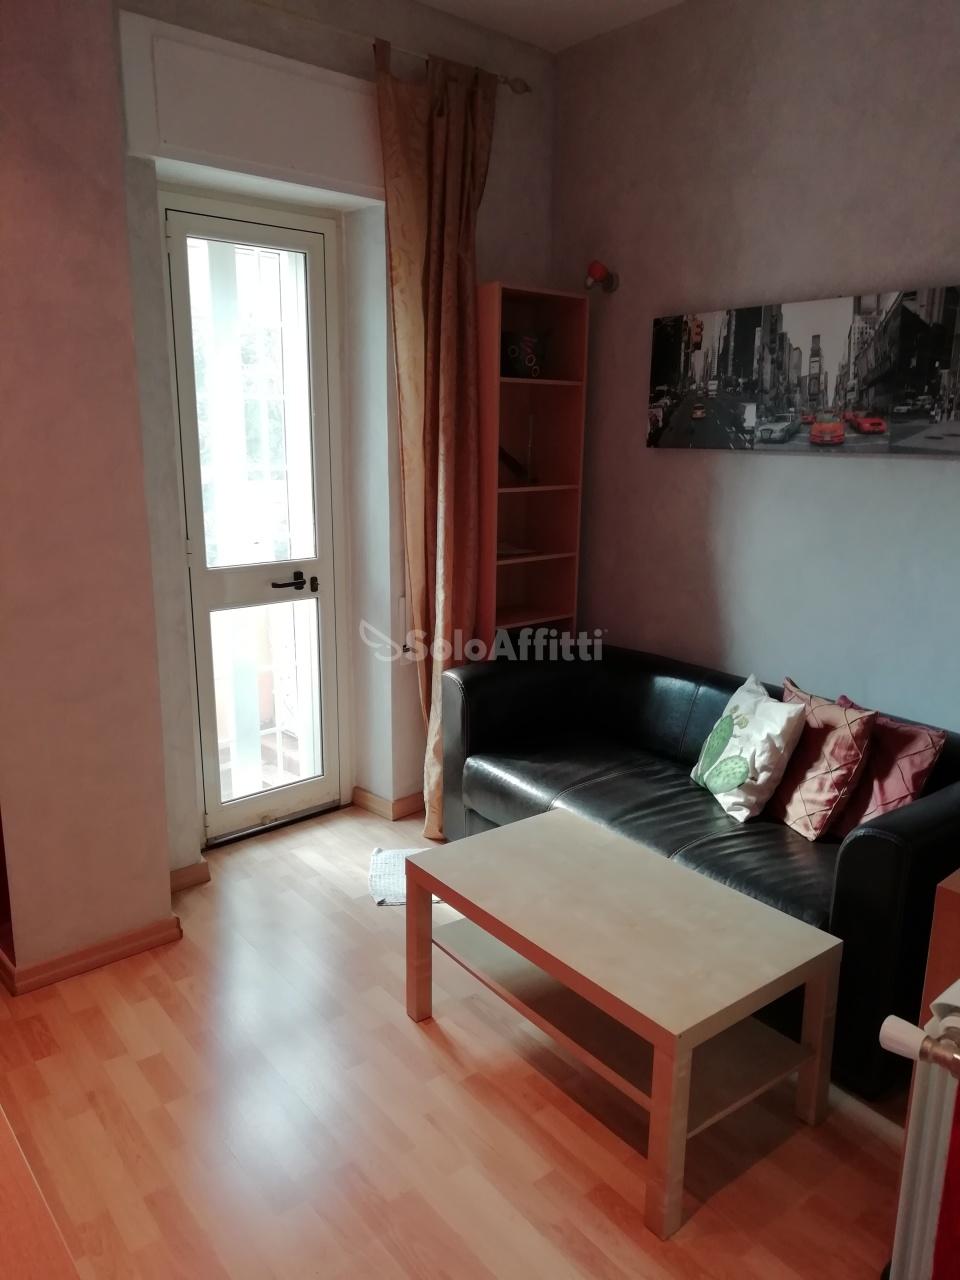 Bilocale in ottime condizioni arredato in affitto Rif. 11230149